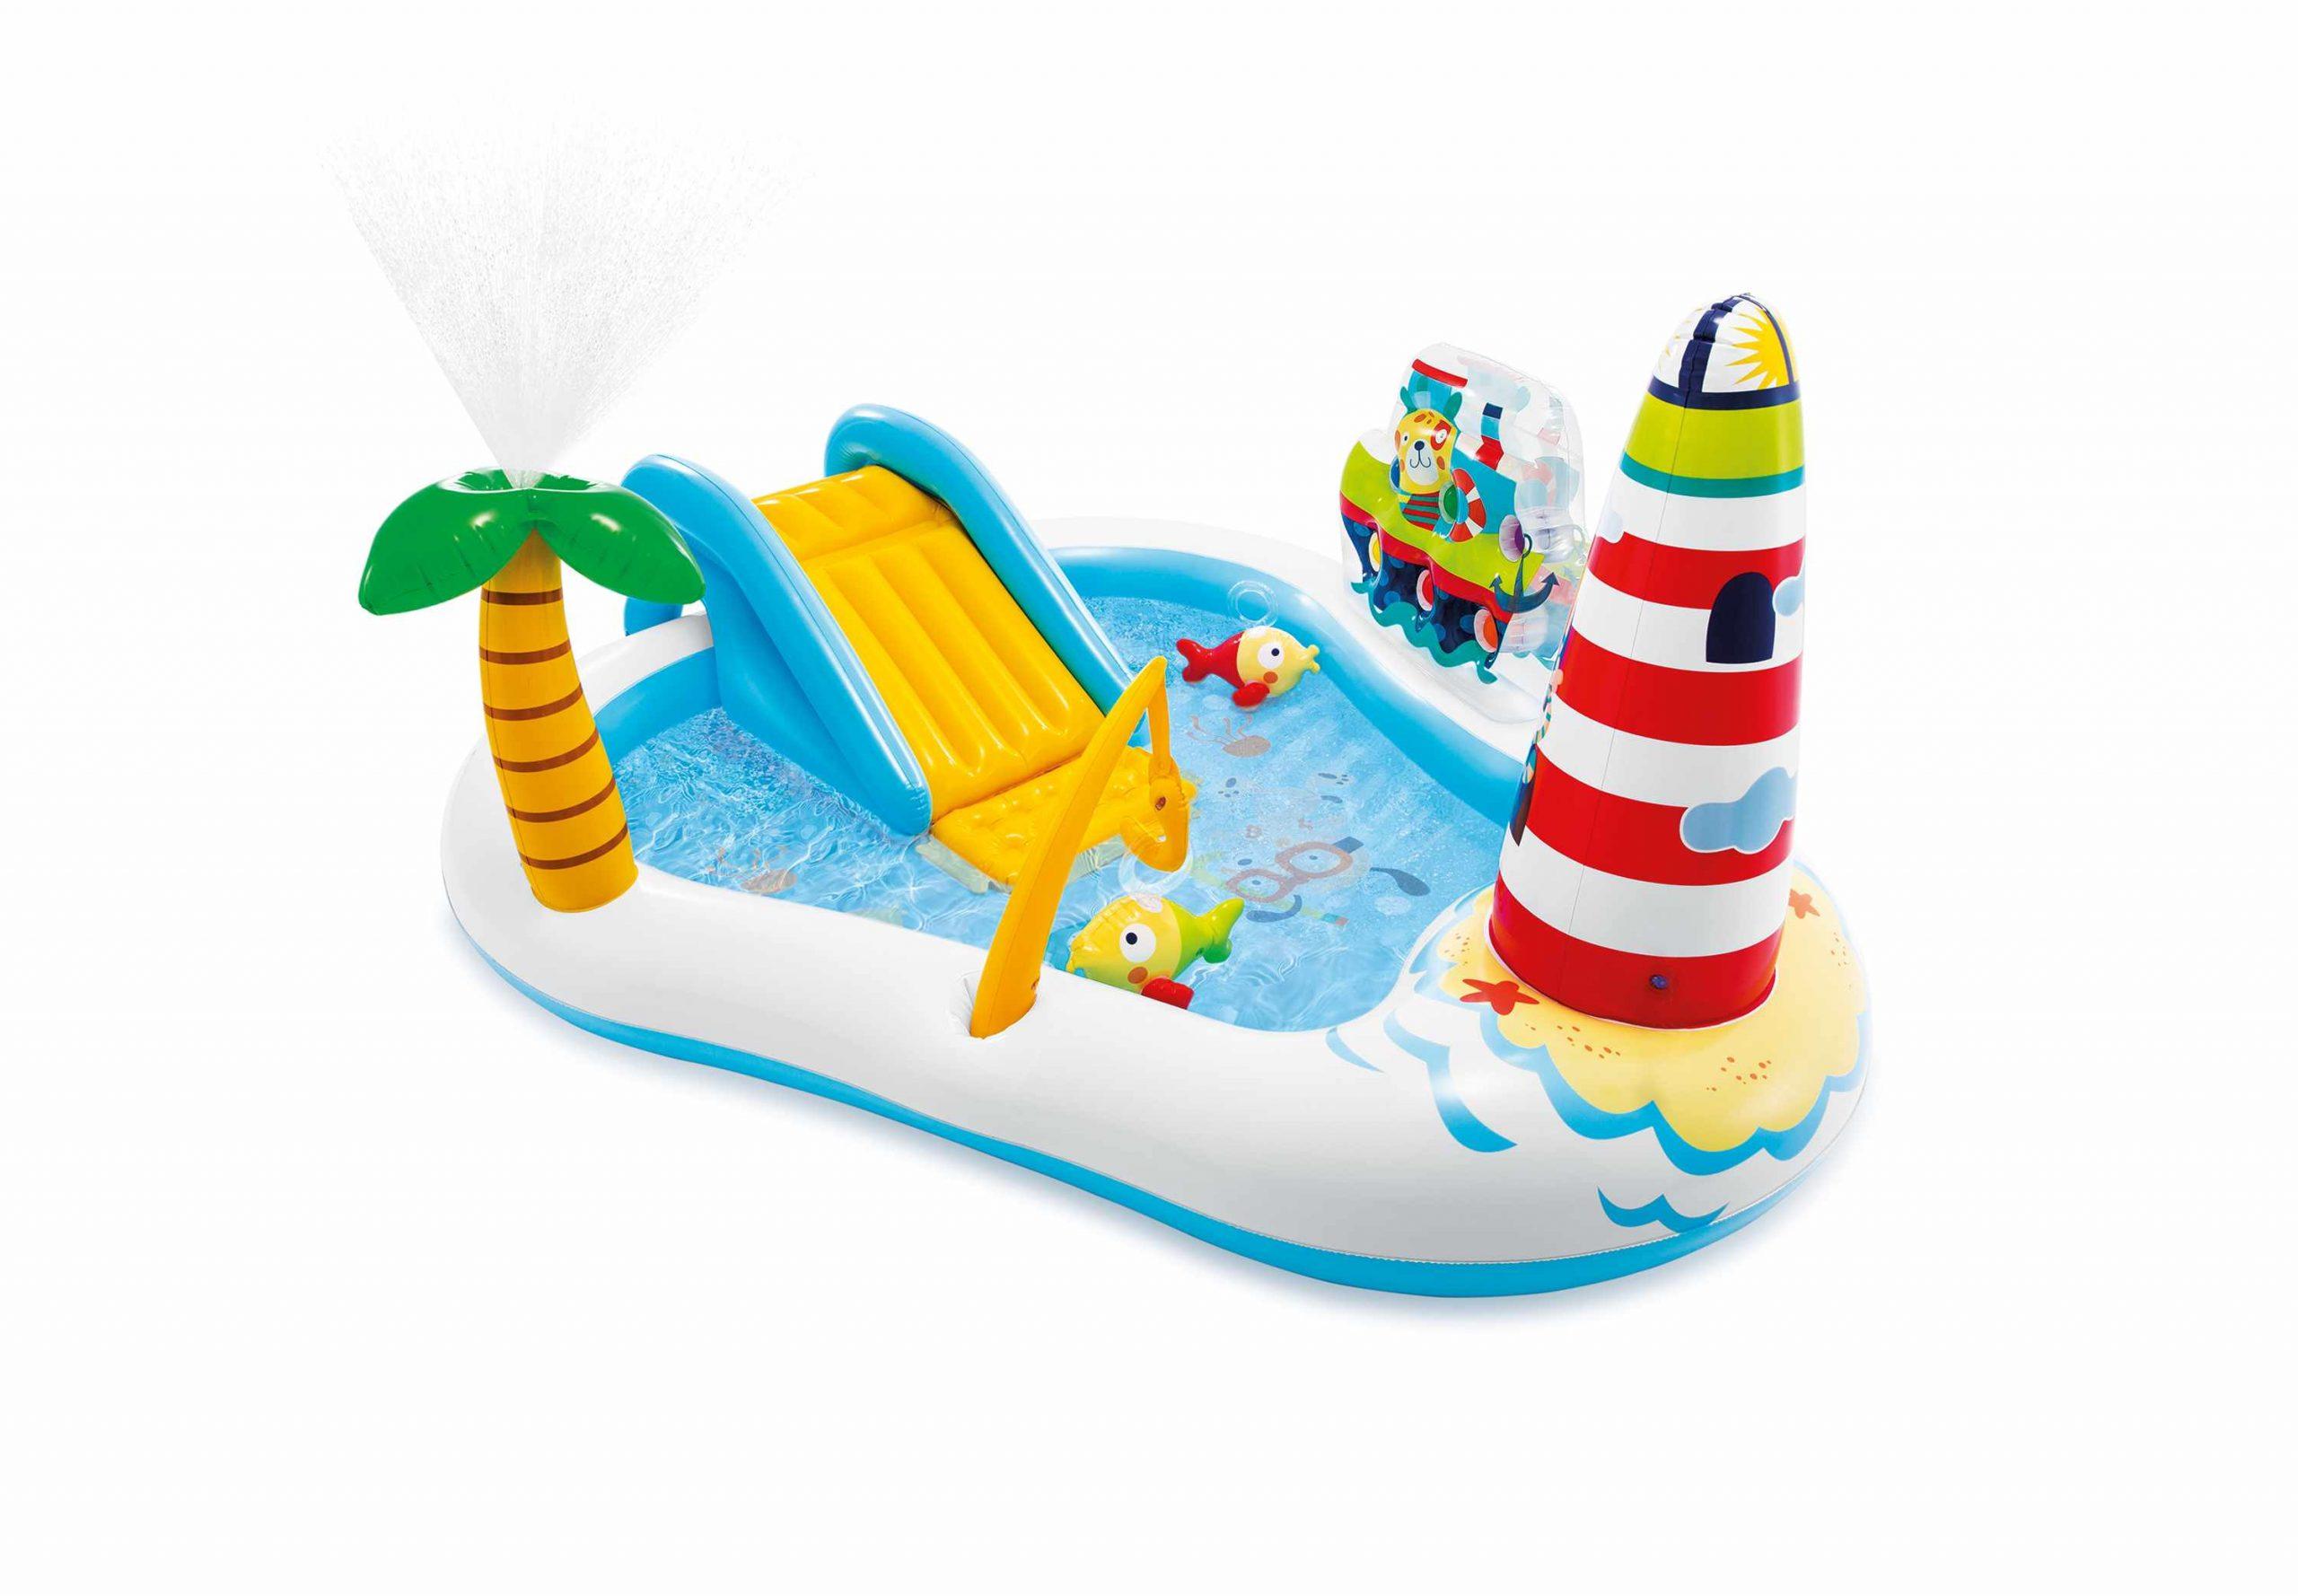 Piscine Gonflable Pour Enfants Intex 57162 Fishing Fun Play Center serapportantà Piscine Enfant Intex